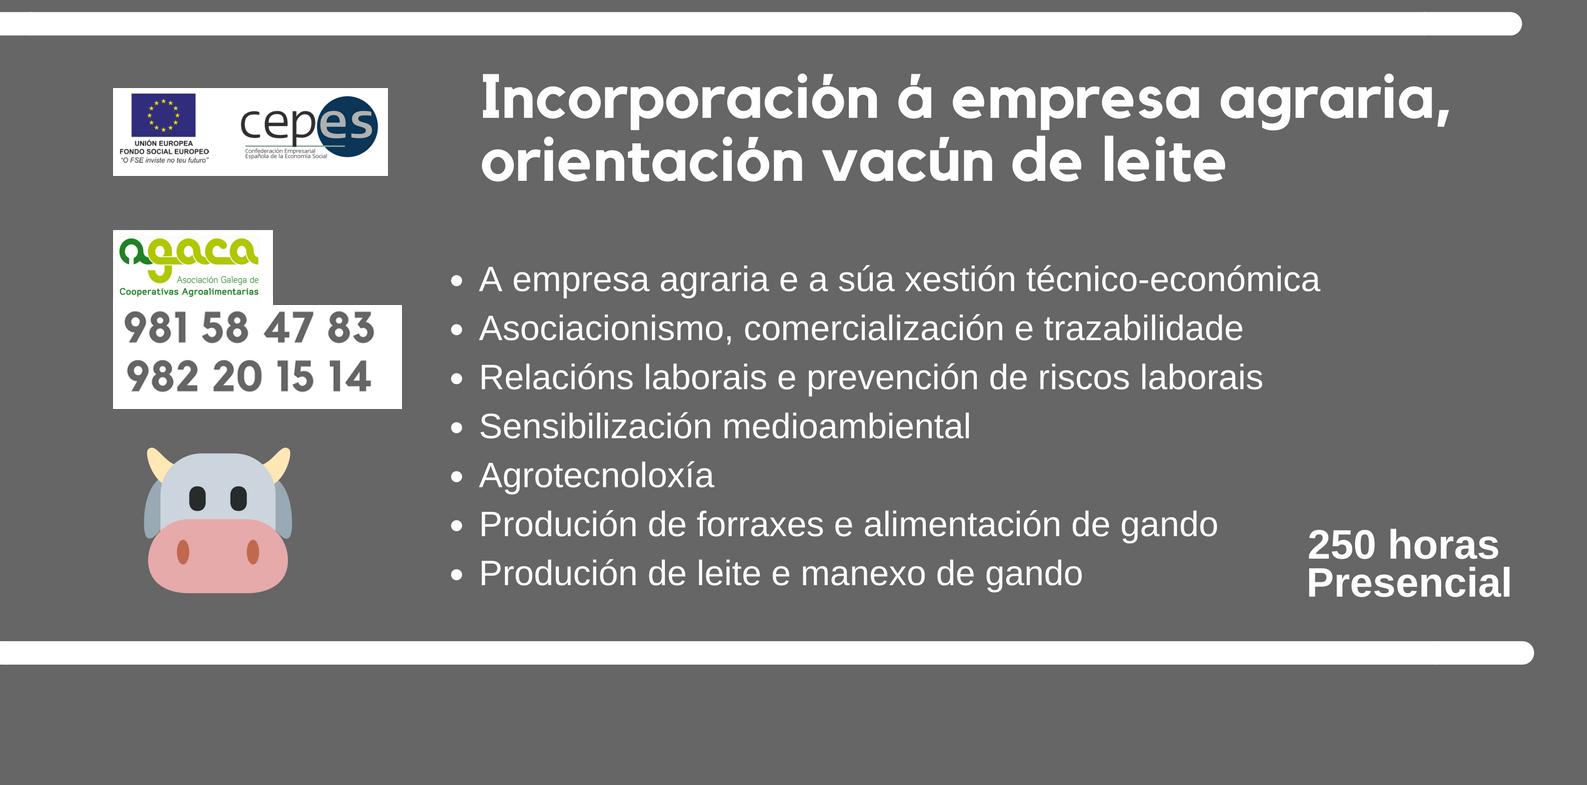 Comenzará en marzo un curso de Incorporación a la Empresa Agraria en O Rodo, en el marco de CEPES